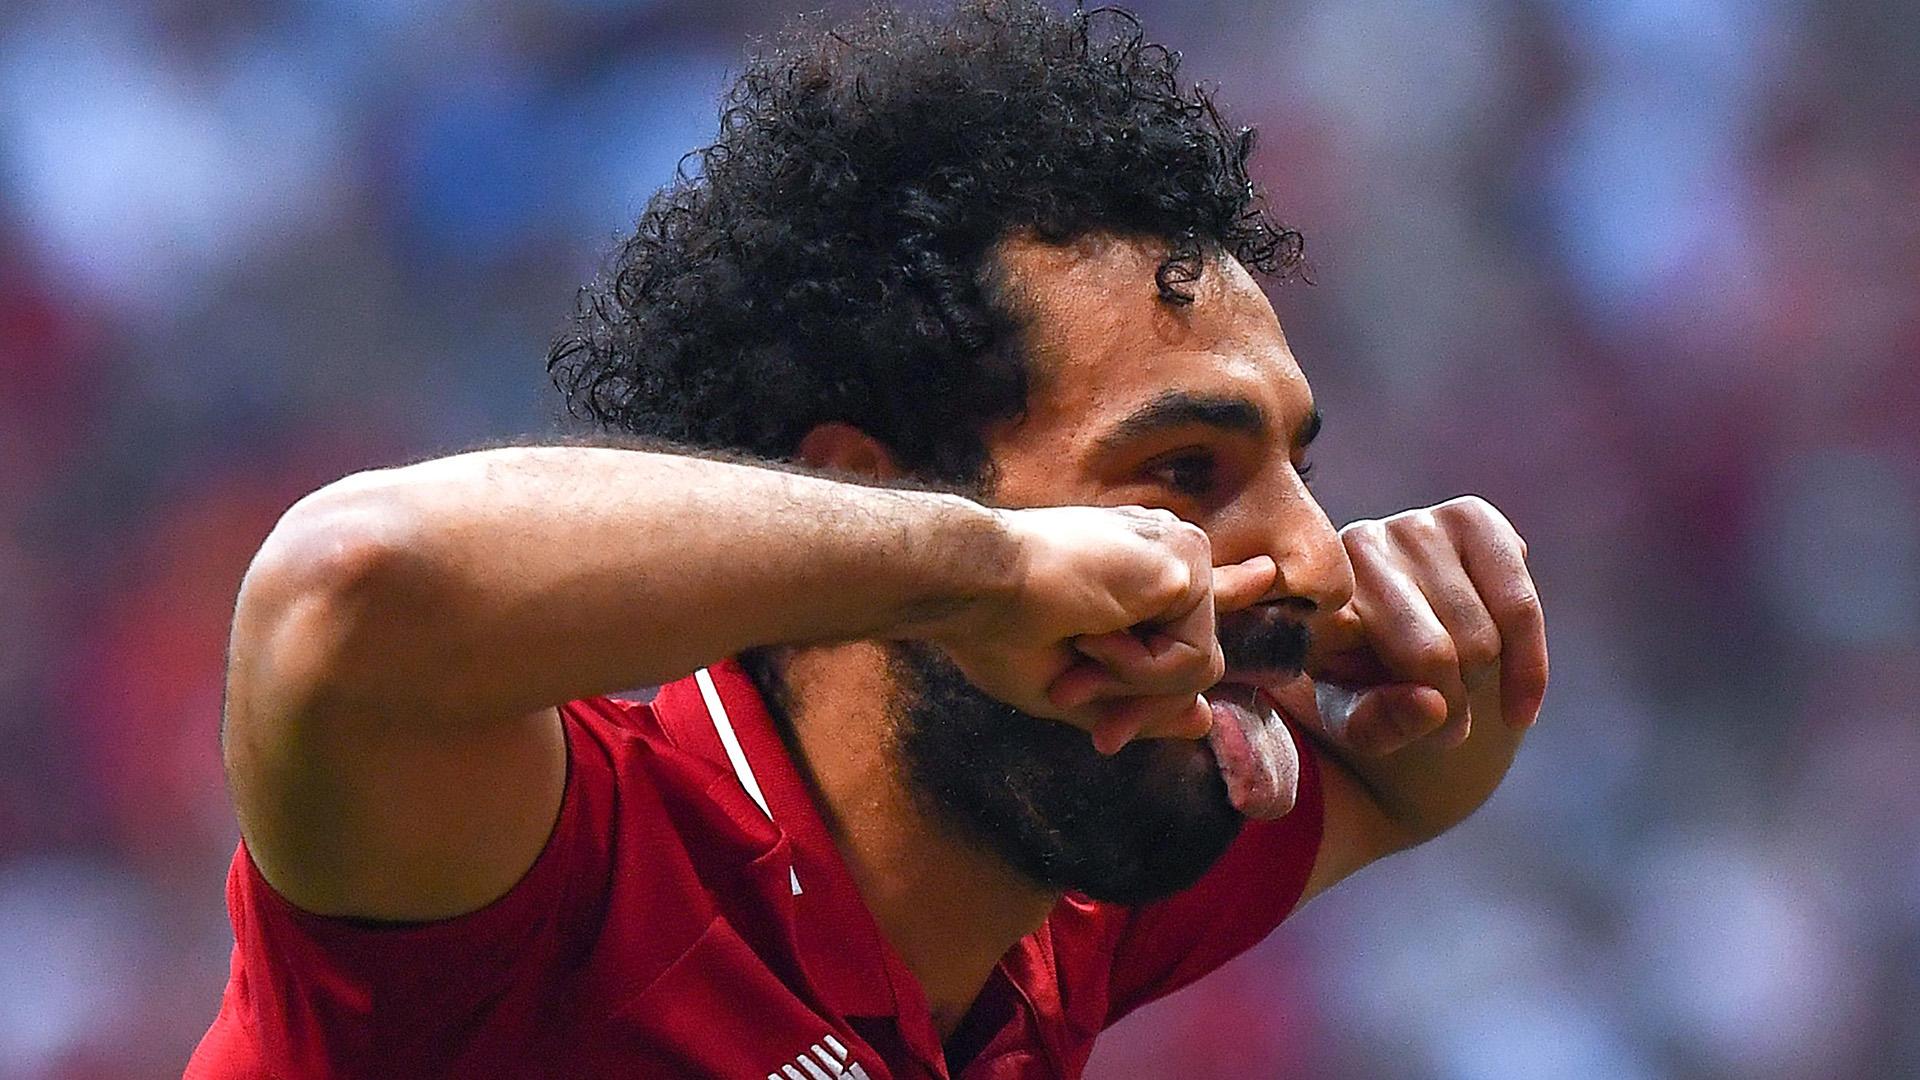 احتفال صلاح في نهائي دوري أبطال أوروبا 2019